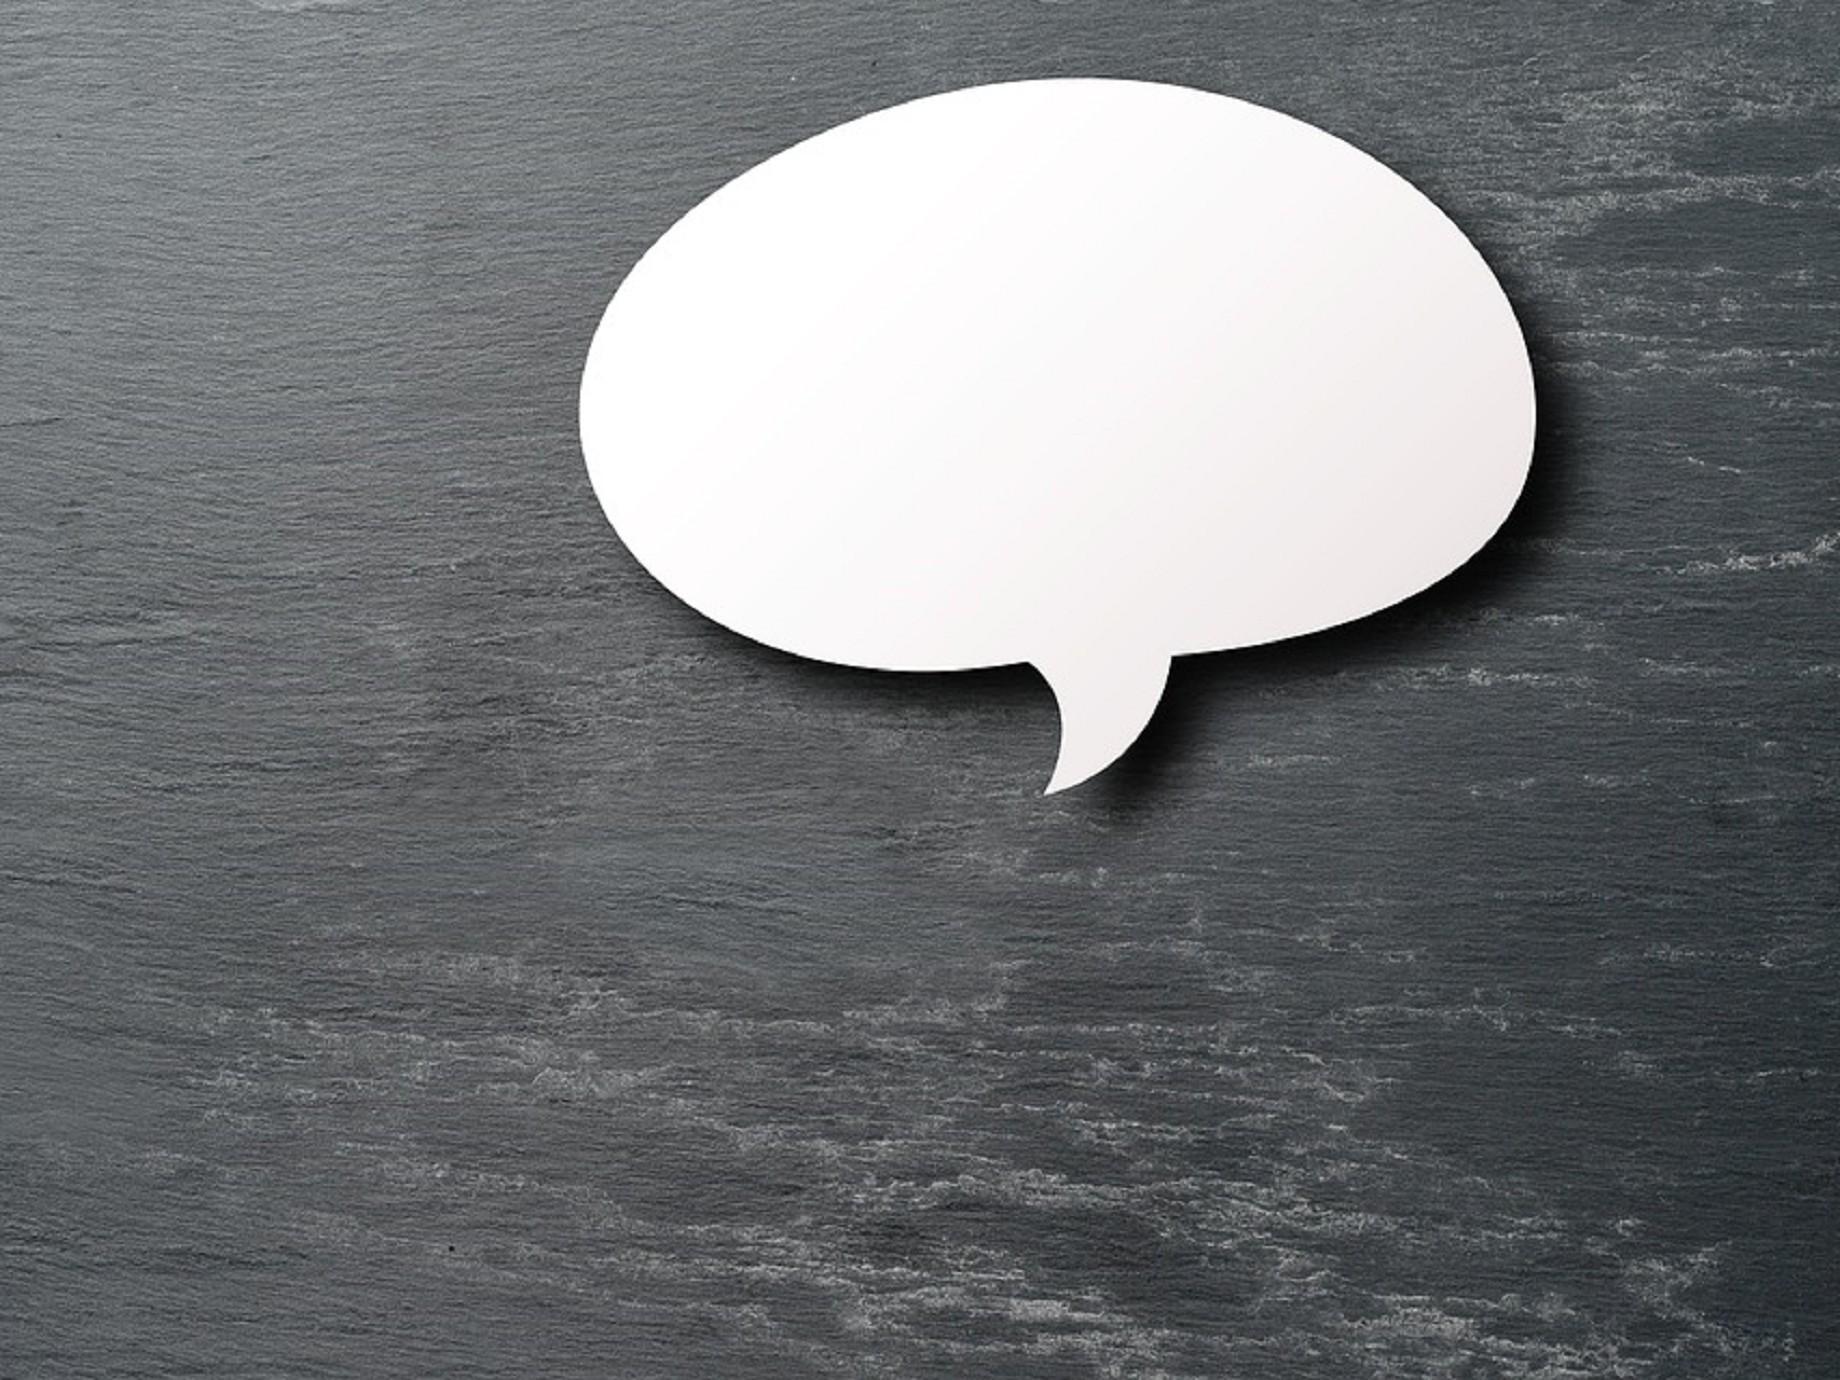 消費者心態:倚重網路評論,特別高興或生氣時會留下意見